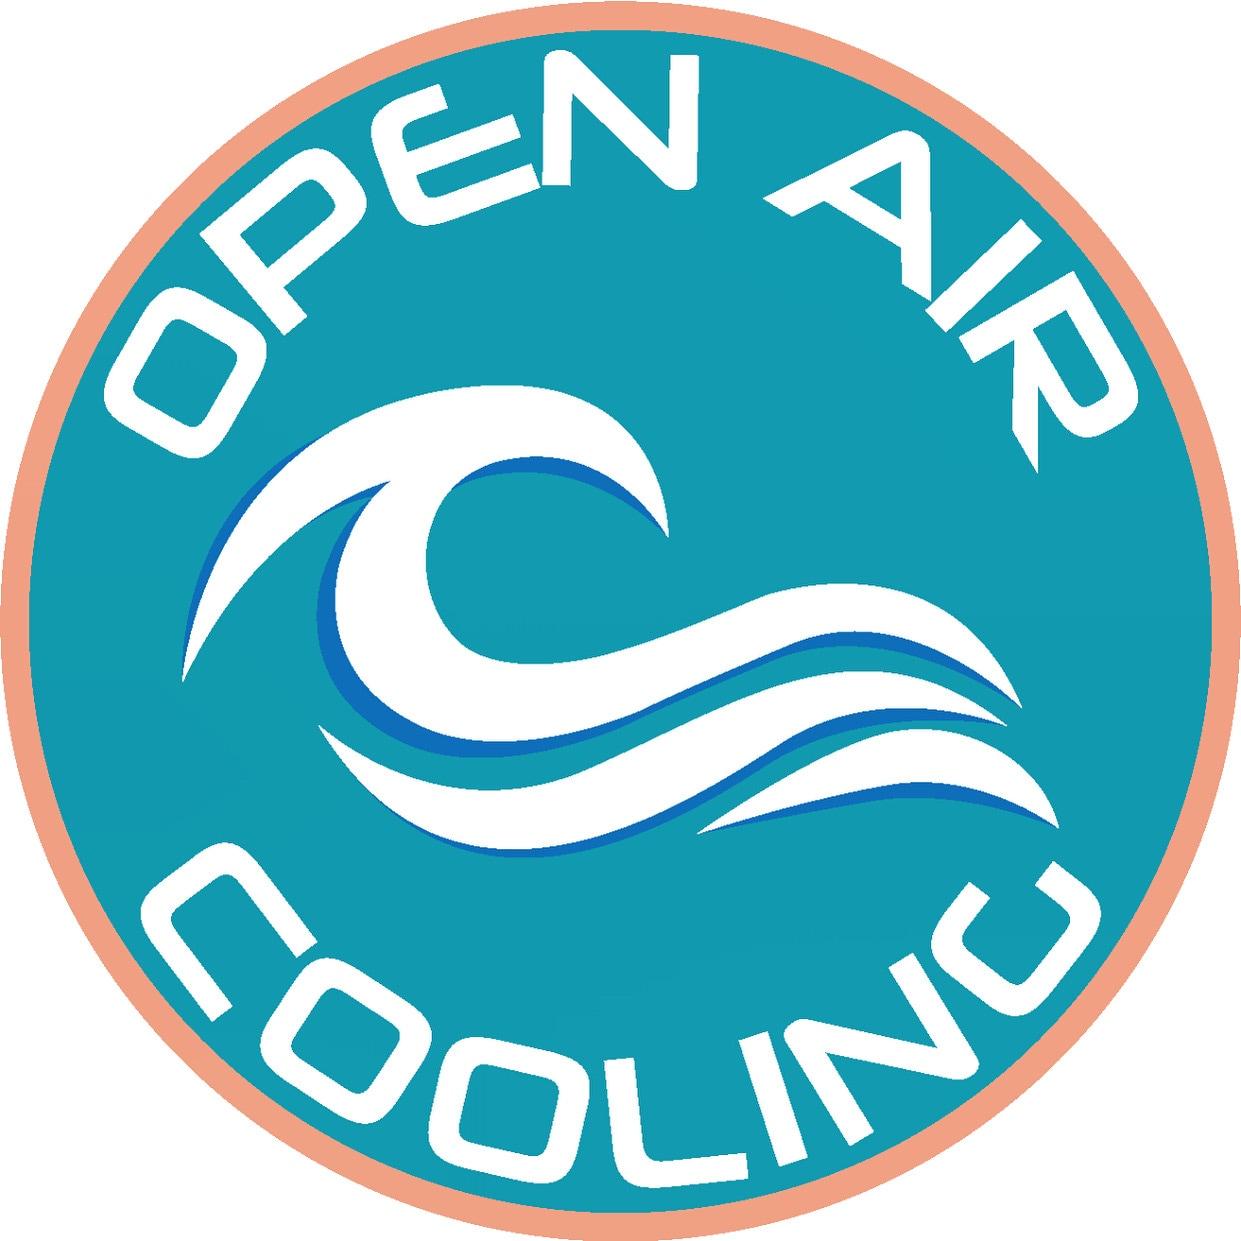 OPEN AIR COOLING LLC